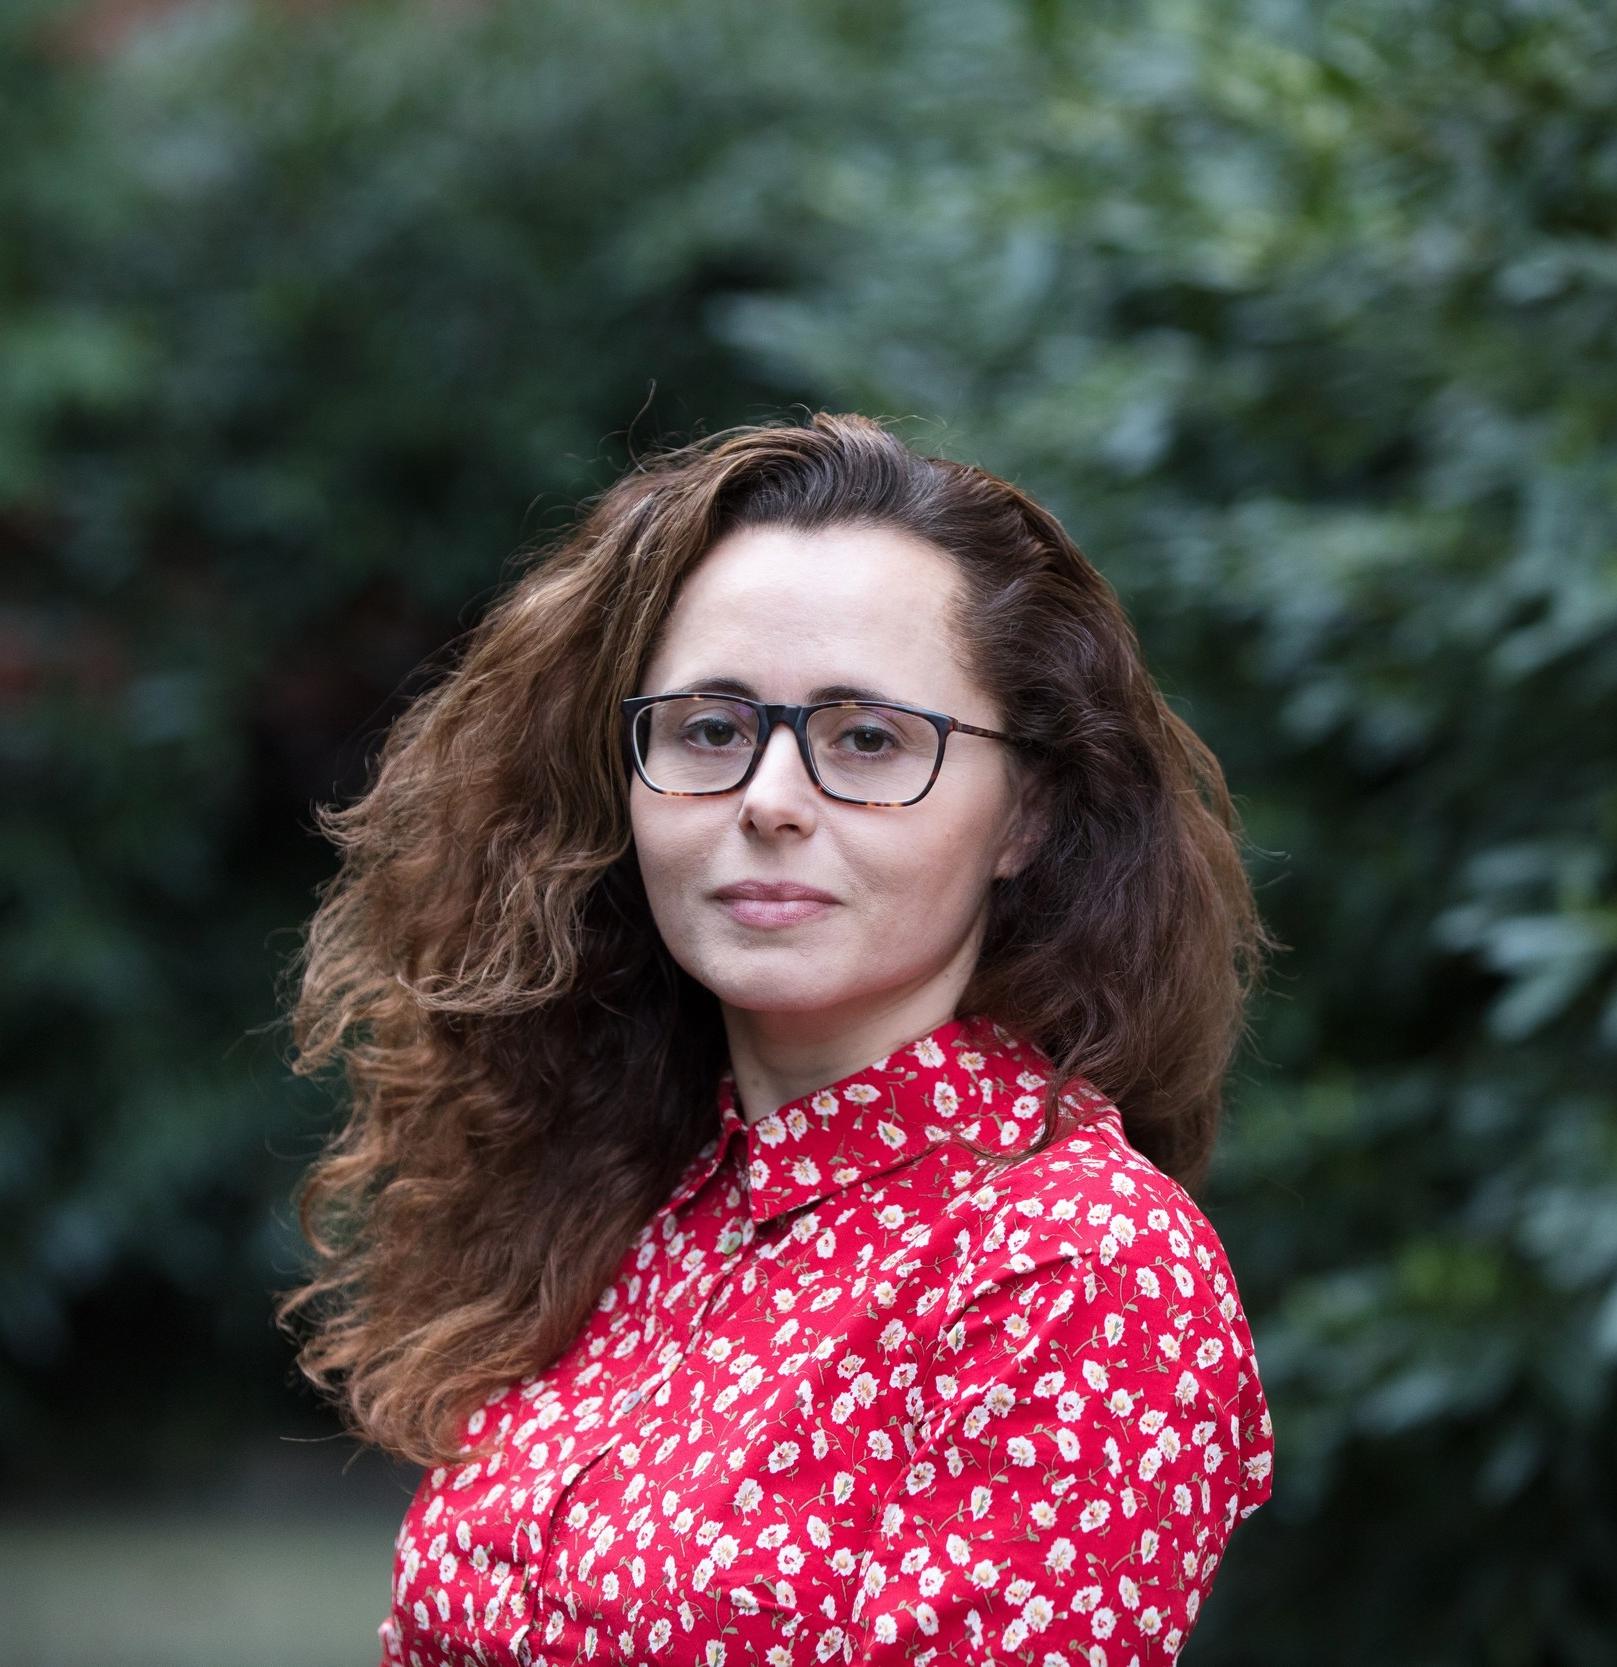 Minulý týden byla na akademickém plénu vyhlášena doc. Ing. Zuzana Stuchlíková, Ph.D. nejoblíbenějším pedagogem roku 2019 na FMV v rámci studentské ankety Pedagog roku 2019.